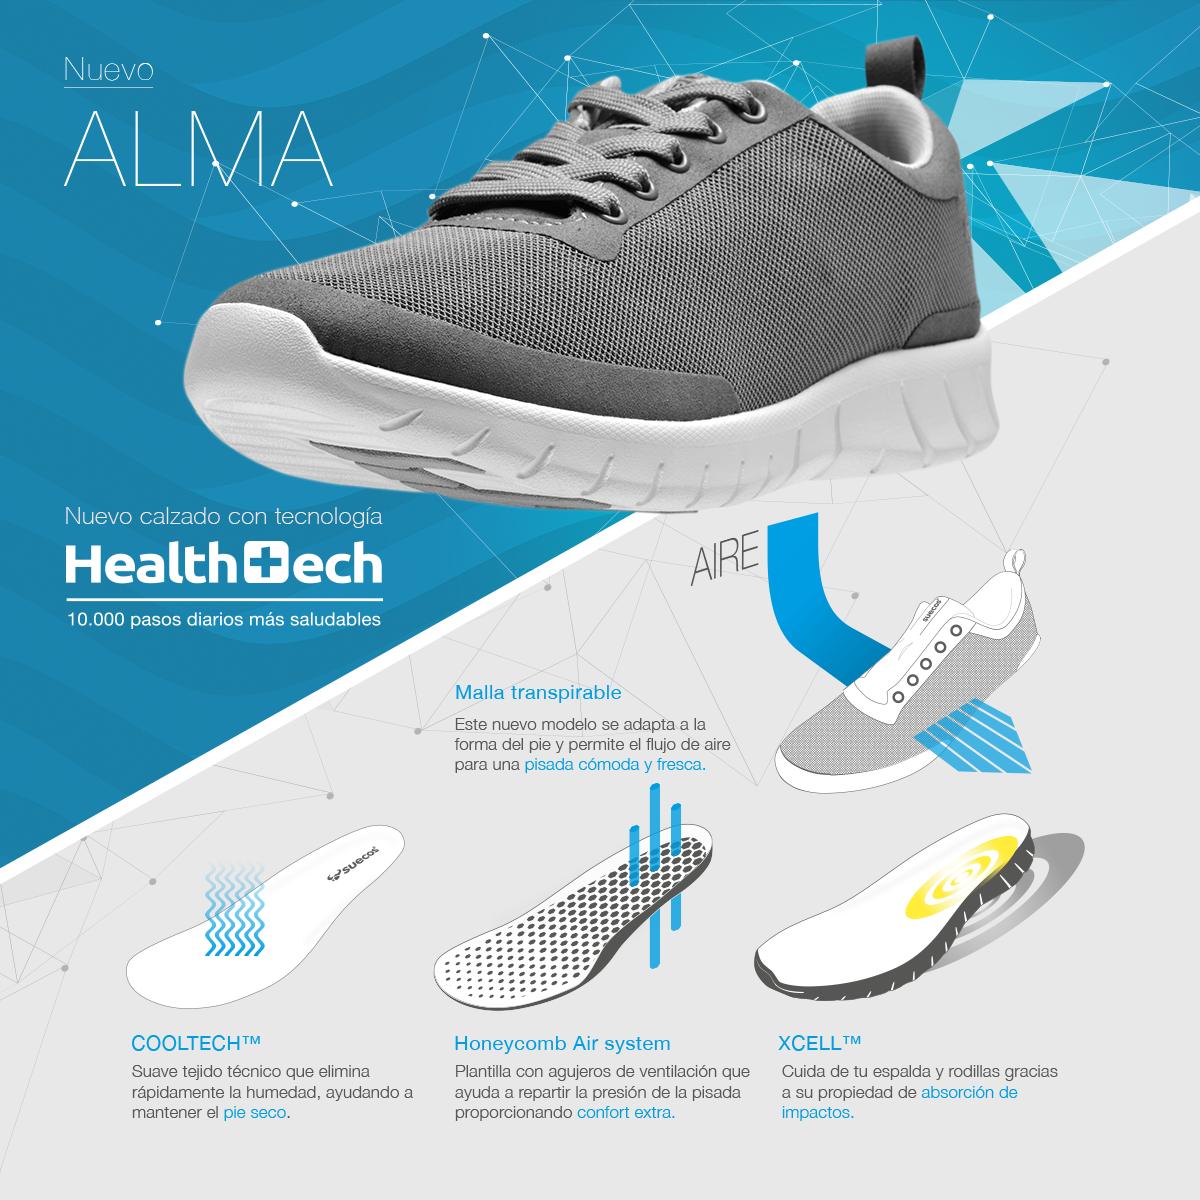 healthtech-alma-suecos